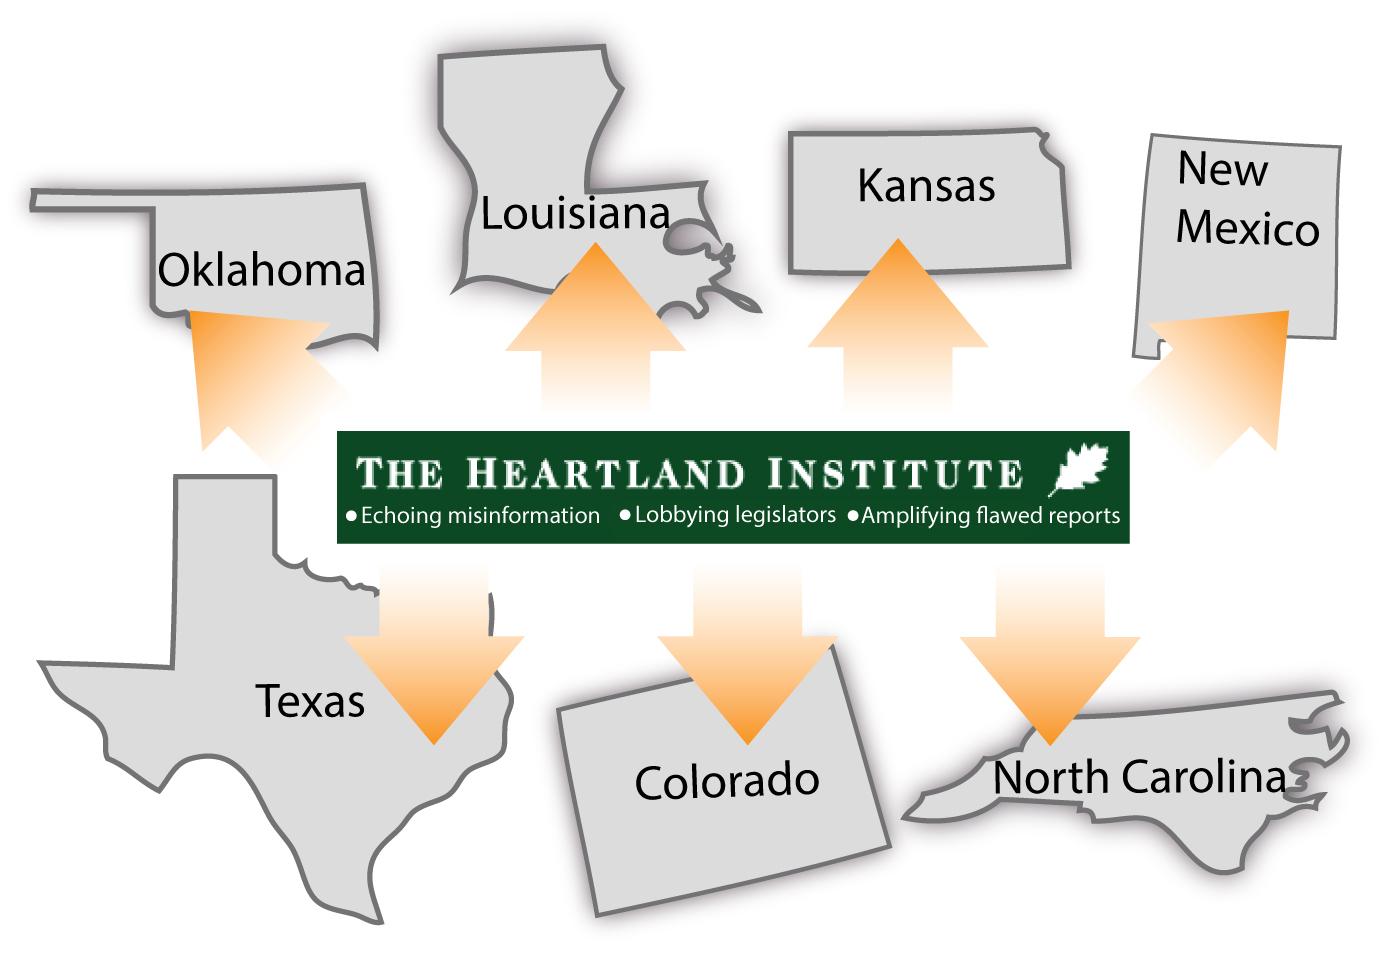 HeartlandInstituteMap.jpg